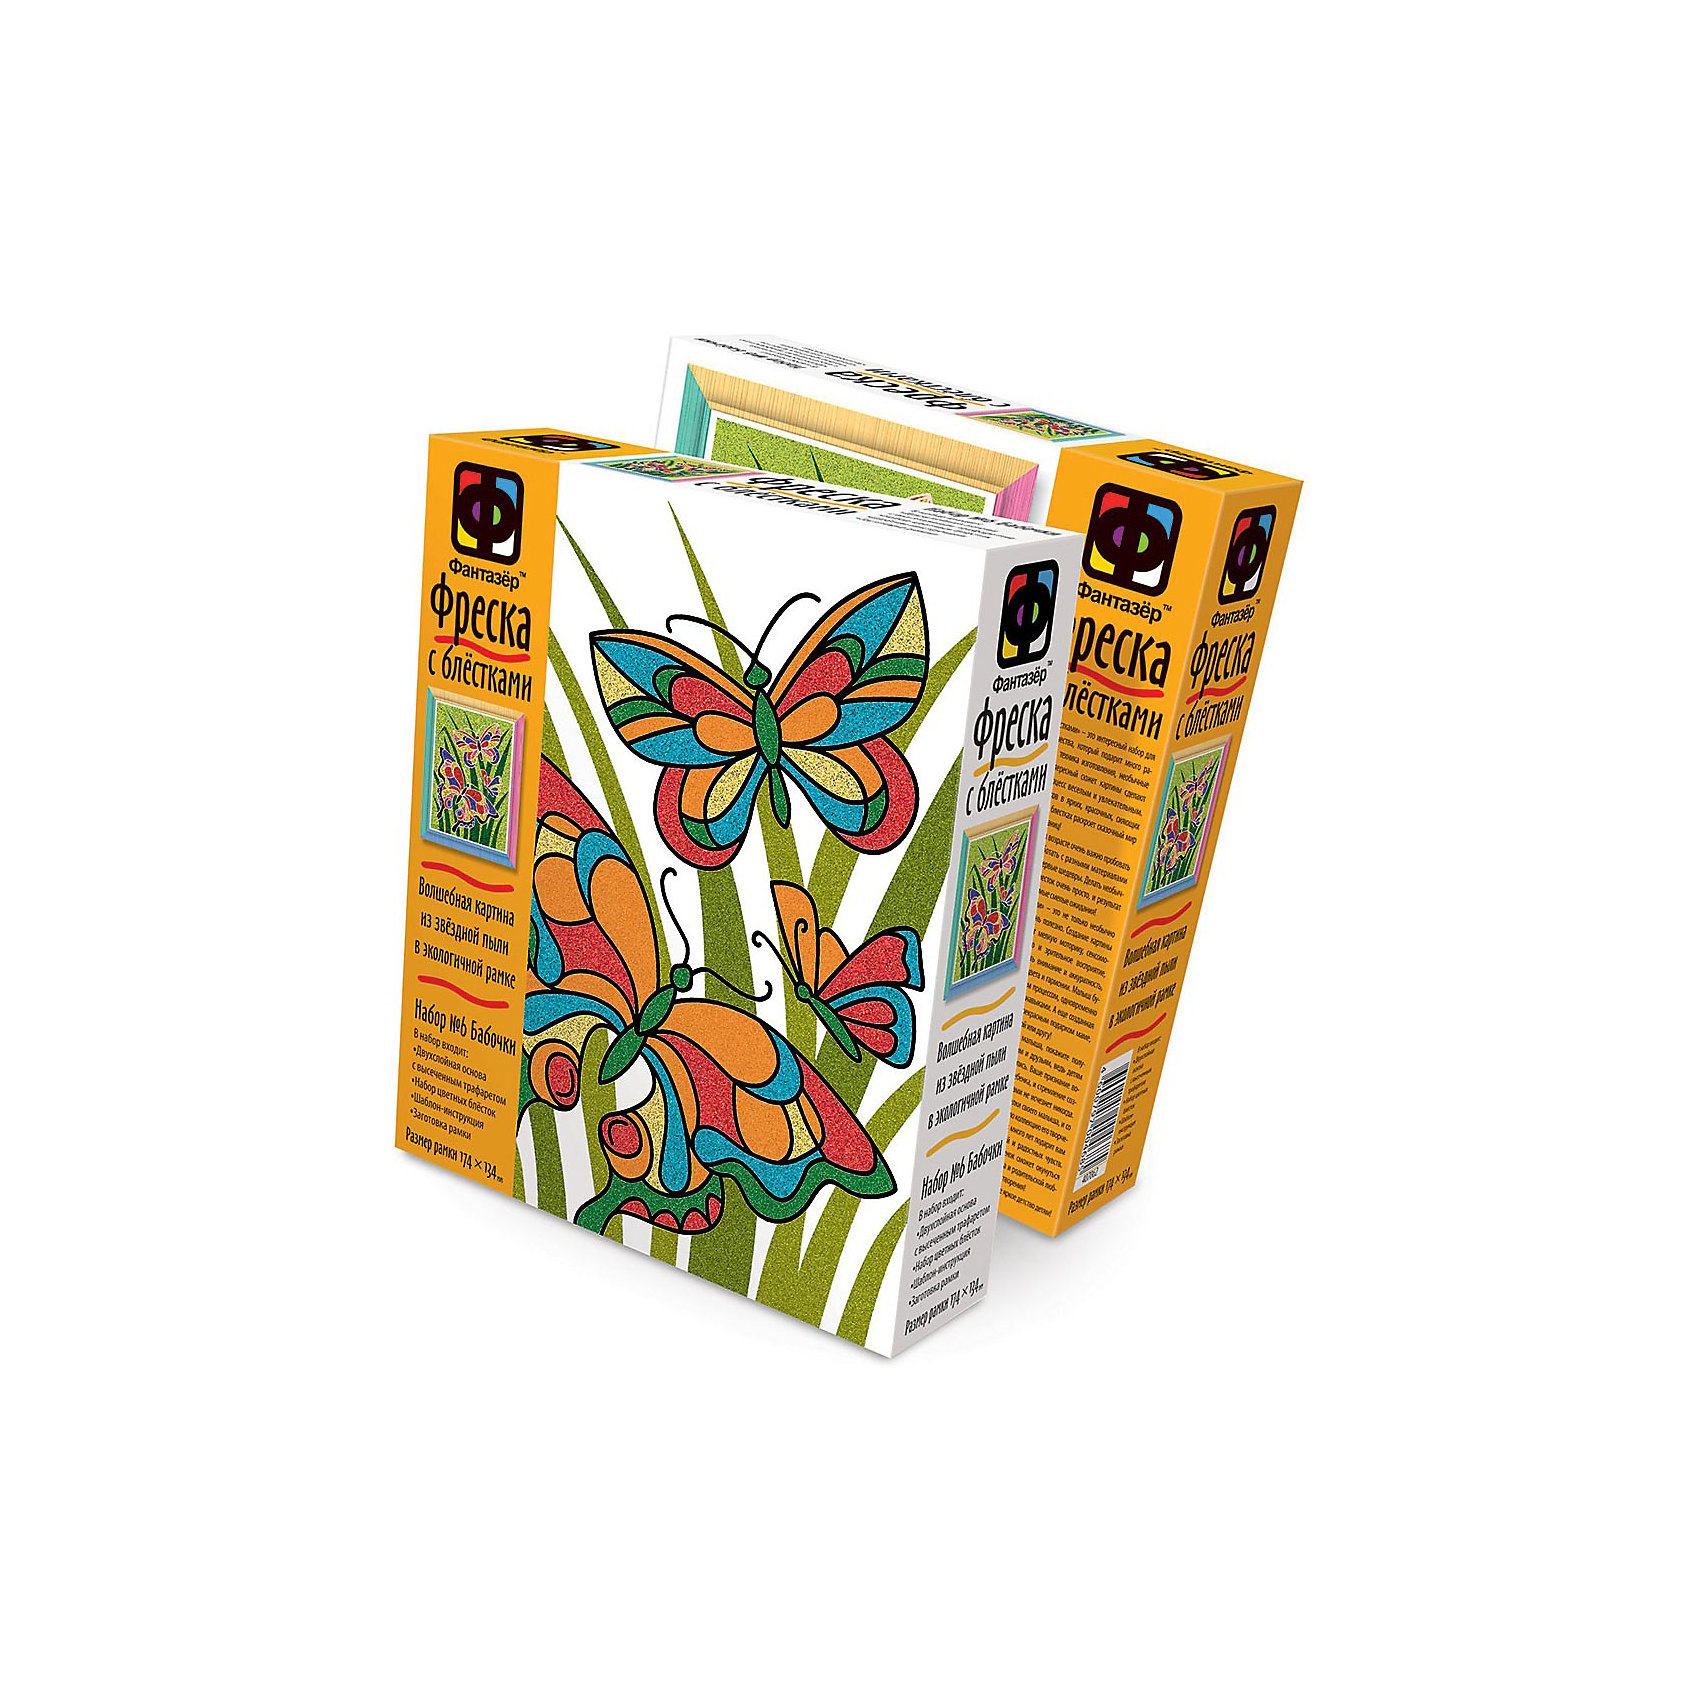 Фреска с блестками Бабочки. ФантазерНабор для творчества Бабочки от Фантазер поможет Вашему ребенку развить свои творческие способности. С помощью основы с трафаретом и цветных блесток можно создать необычную сияющую фреску с изображением нарядных разноцветных бабочек. Картинка украсит комнату ребенка или станет подарком, сделанным собственными руками для его друзей и родственников.<br><br>Дополнительная информация:<br><br>- В комплекте:  двухслойная основа с высеченным трафаретом, набор цветных блесток, шаблон-инструкция, заготовка рамки, кисть, салфетка.<br>- Материал: блестки, дерево, бумага, картон, пленка, пластмасса.<br>- Размер упаковки: 22 x 18,5 x 5 см.<br>- Вес: 0,1 кг.<br><br>Набор способствует развитию мелкой моторики рук, внимания, творческих и художественных способностей ребенка.<br><br>Фреску с блестками Бабочки от Фантазер можно купить в нашем интернет-магазине.<br><br>Ширина мм: 185<br>Глубина мм: 50<br>Высота мм: 220<br>Вес г: 90<br>Возраст от месяцев: 60<br>Возраст до месяцев: 180<br>Пол: Женский<br>Возраст: Детский<br>SKU: 3536441